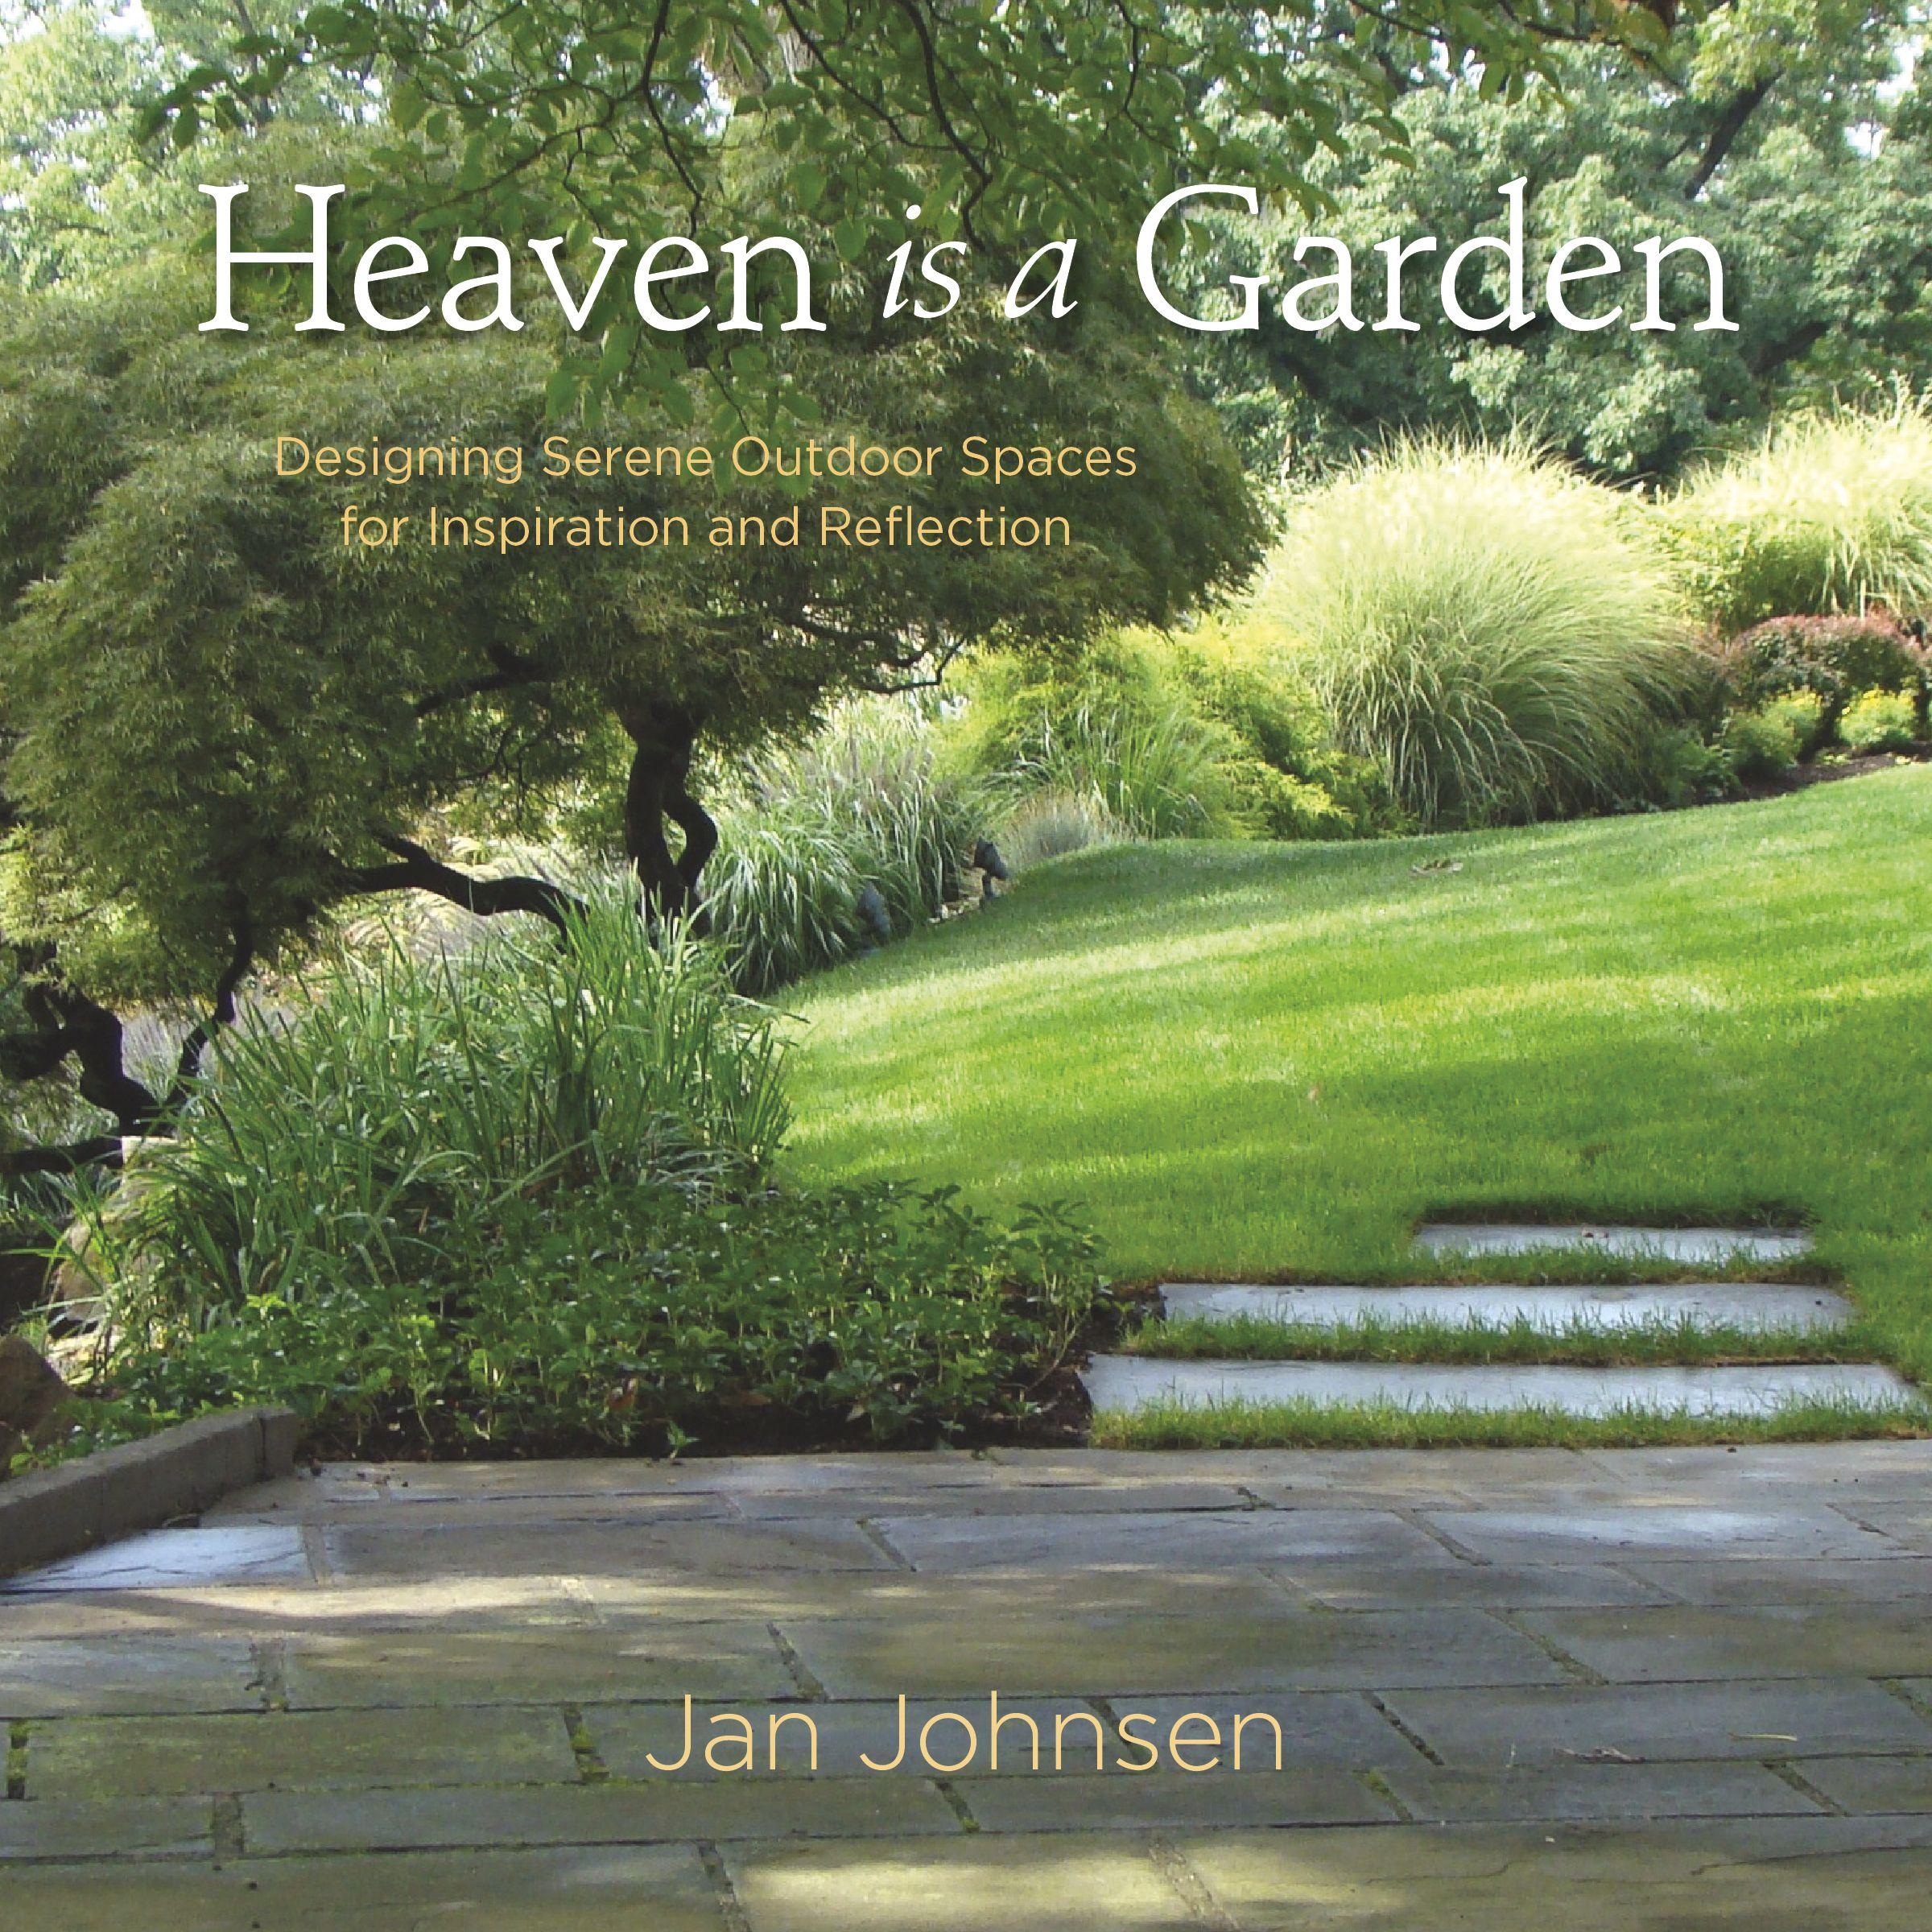 Heaven Is A Garden Great Garden Book Landscape Design Gardening Books Garden Design Magazine